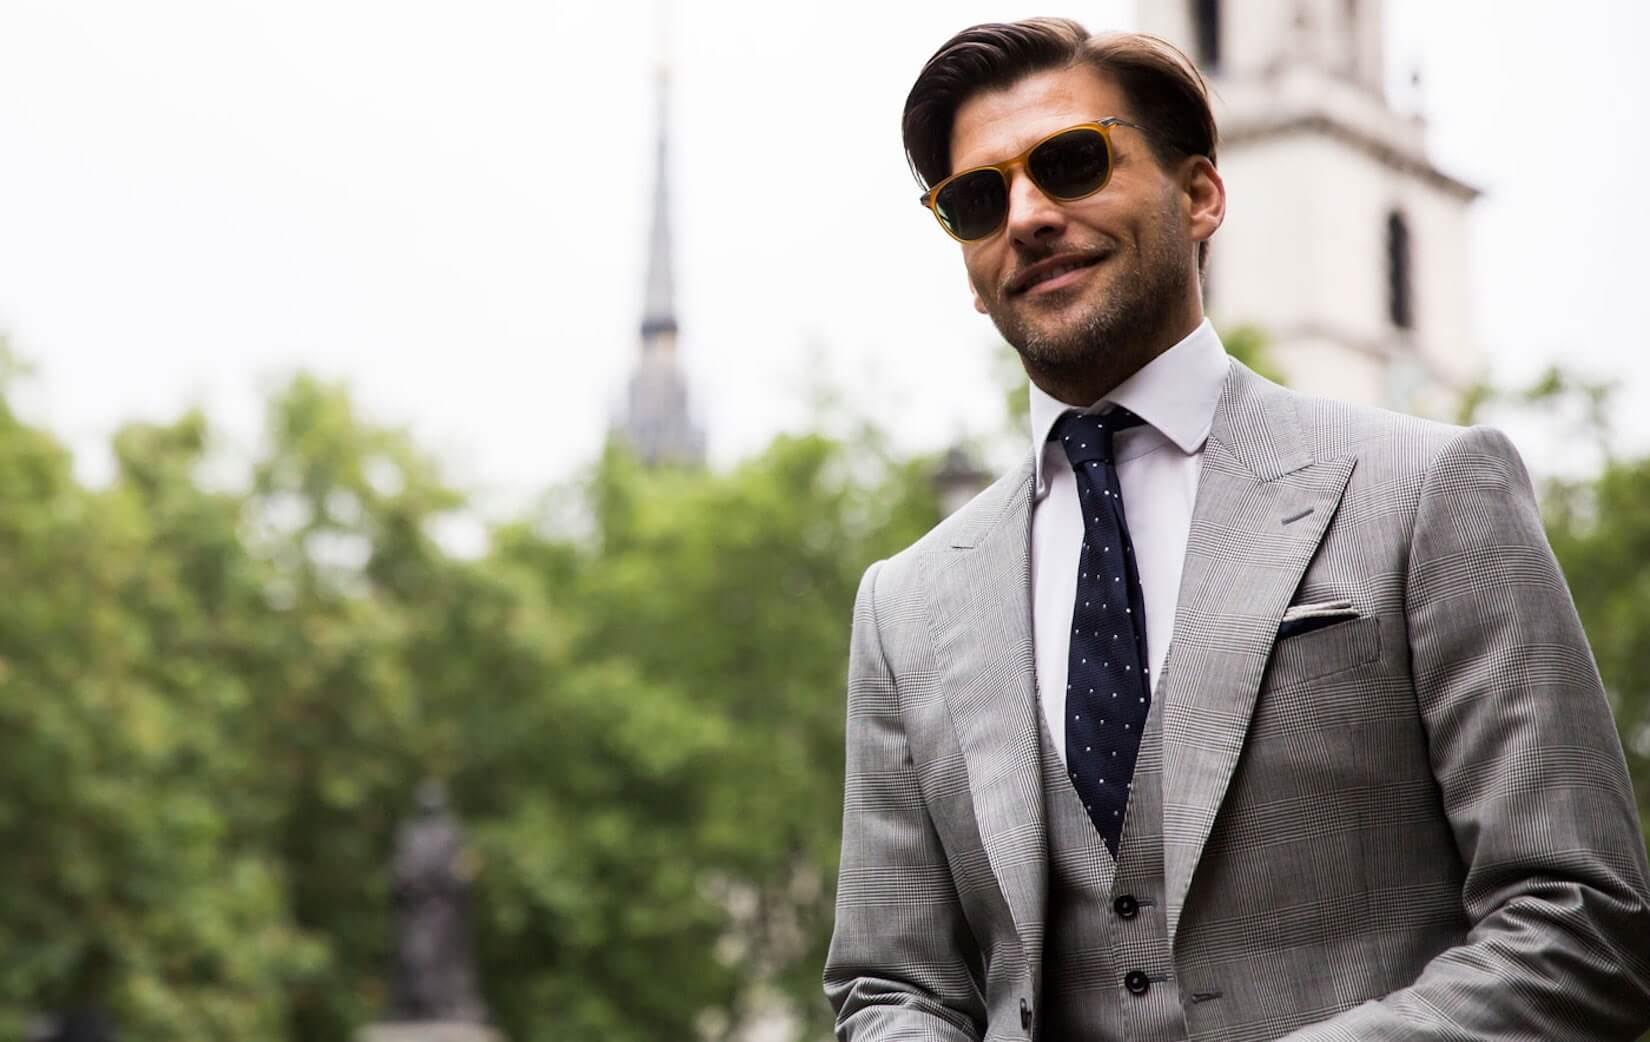 Moda Uomo Matrimonio 2018 : Uomo estate giacca e camicia abbinamenti che vanno